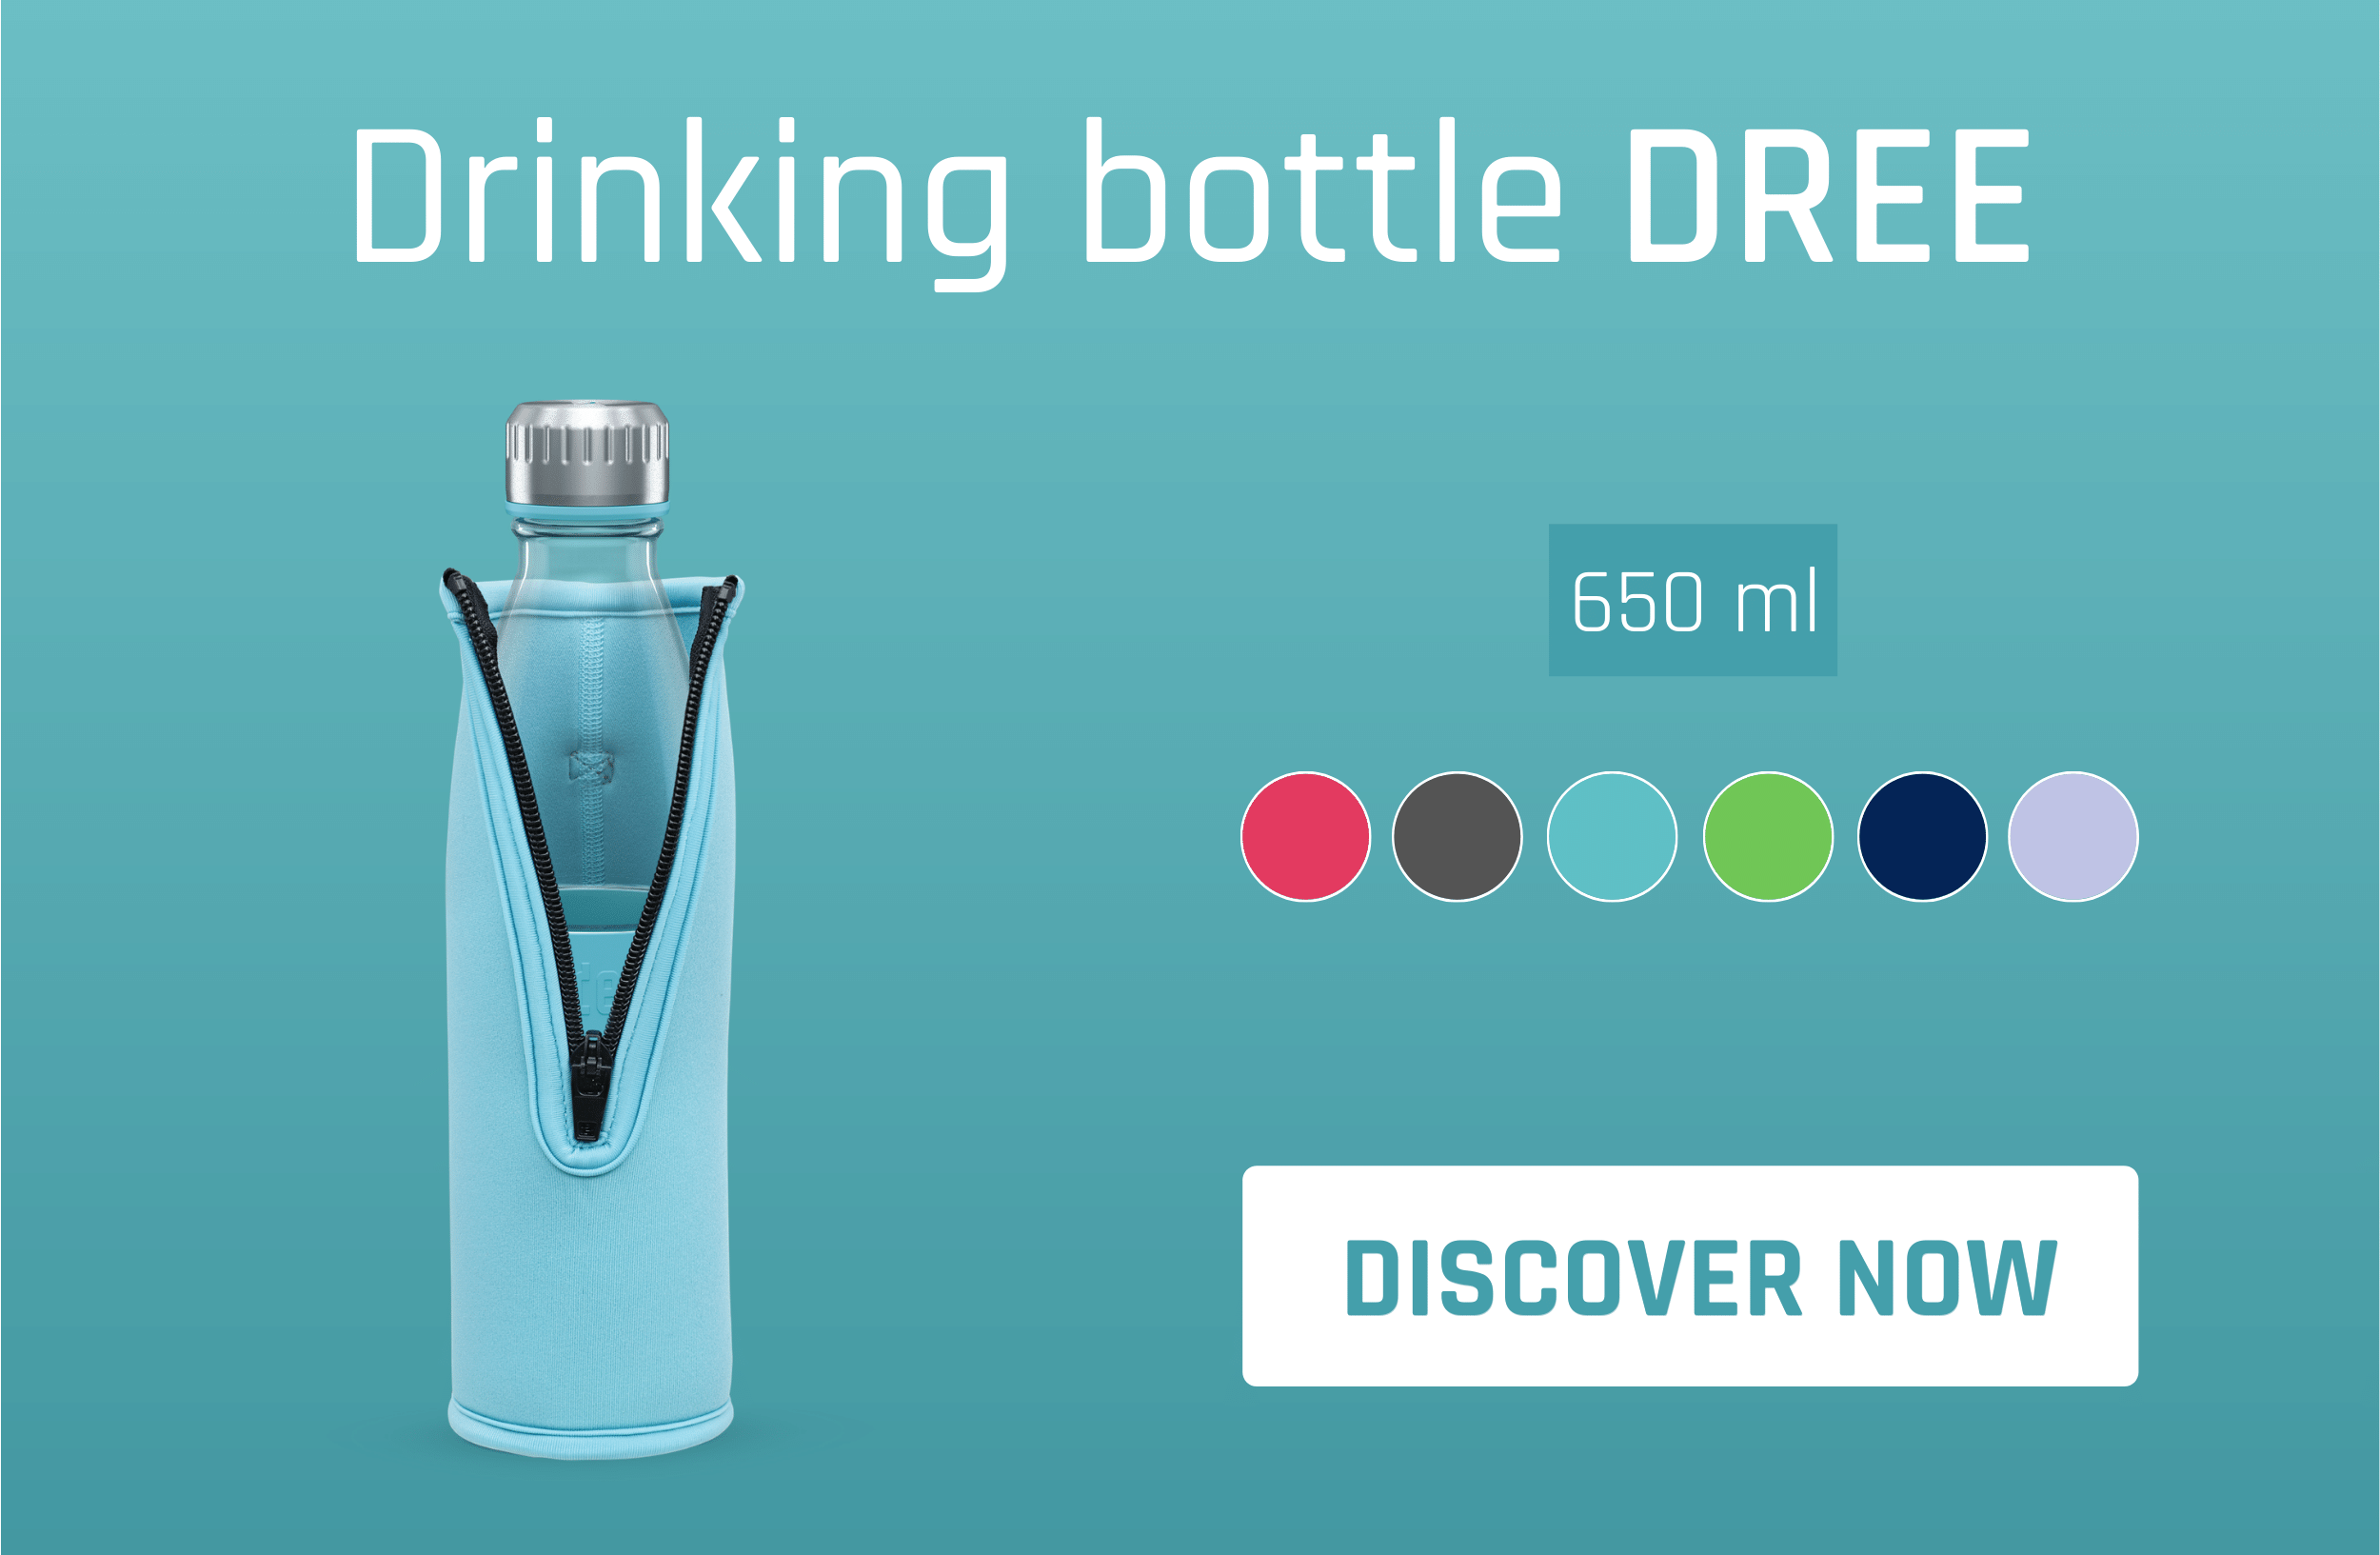 Drinking bottle DREE